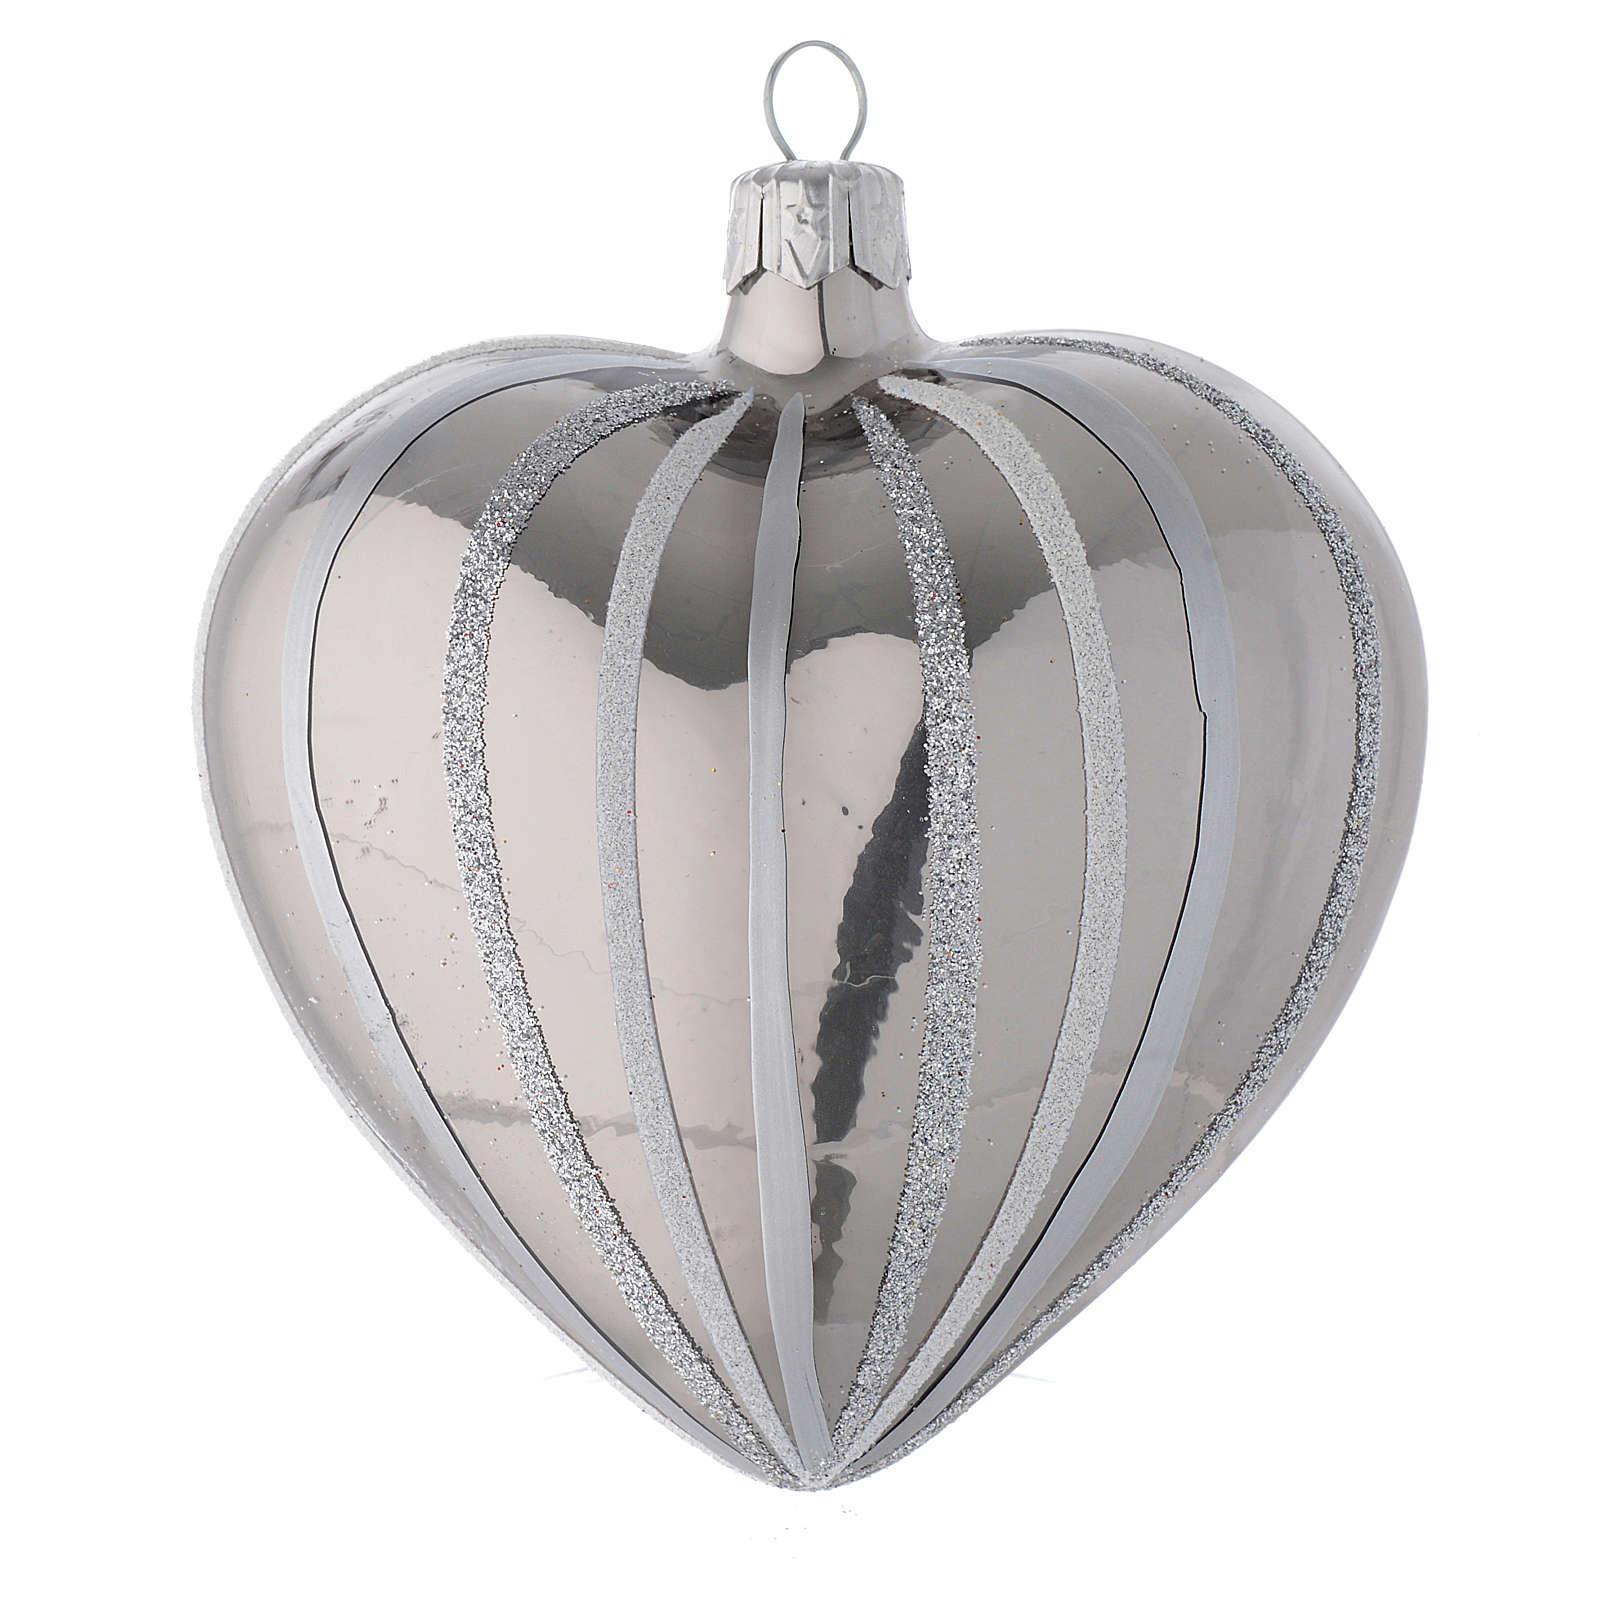 Addobbo Cuore vetro argento decoro righe 100 mm 4